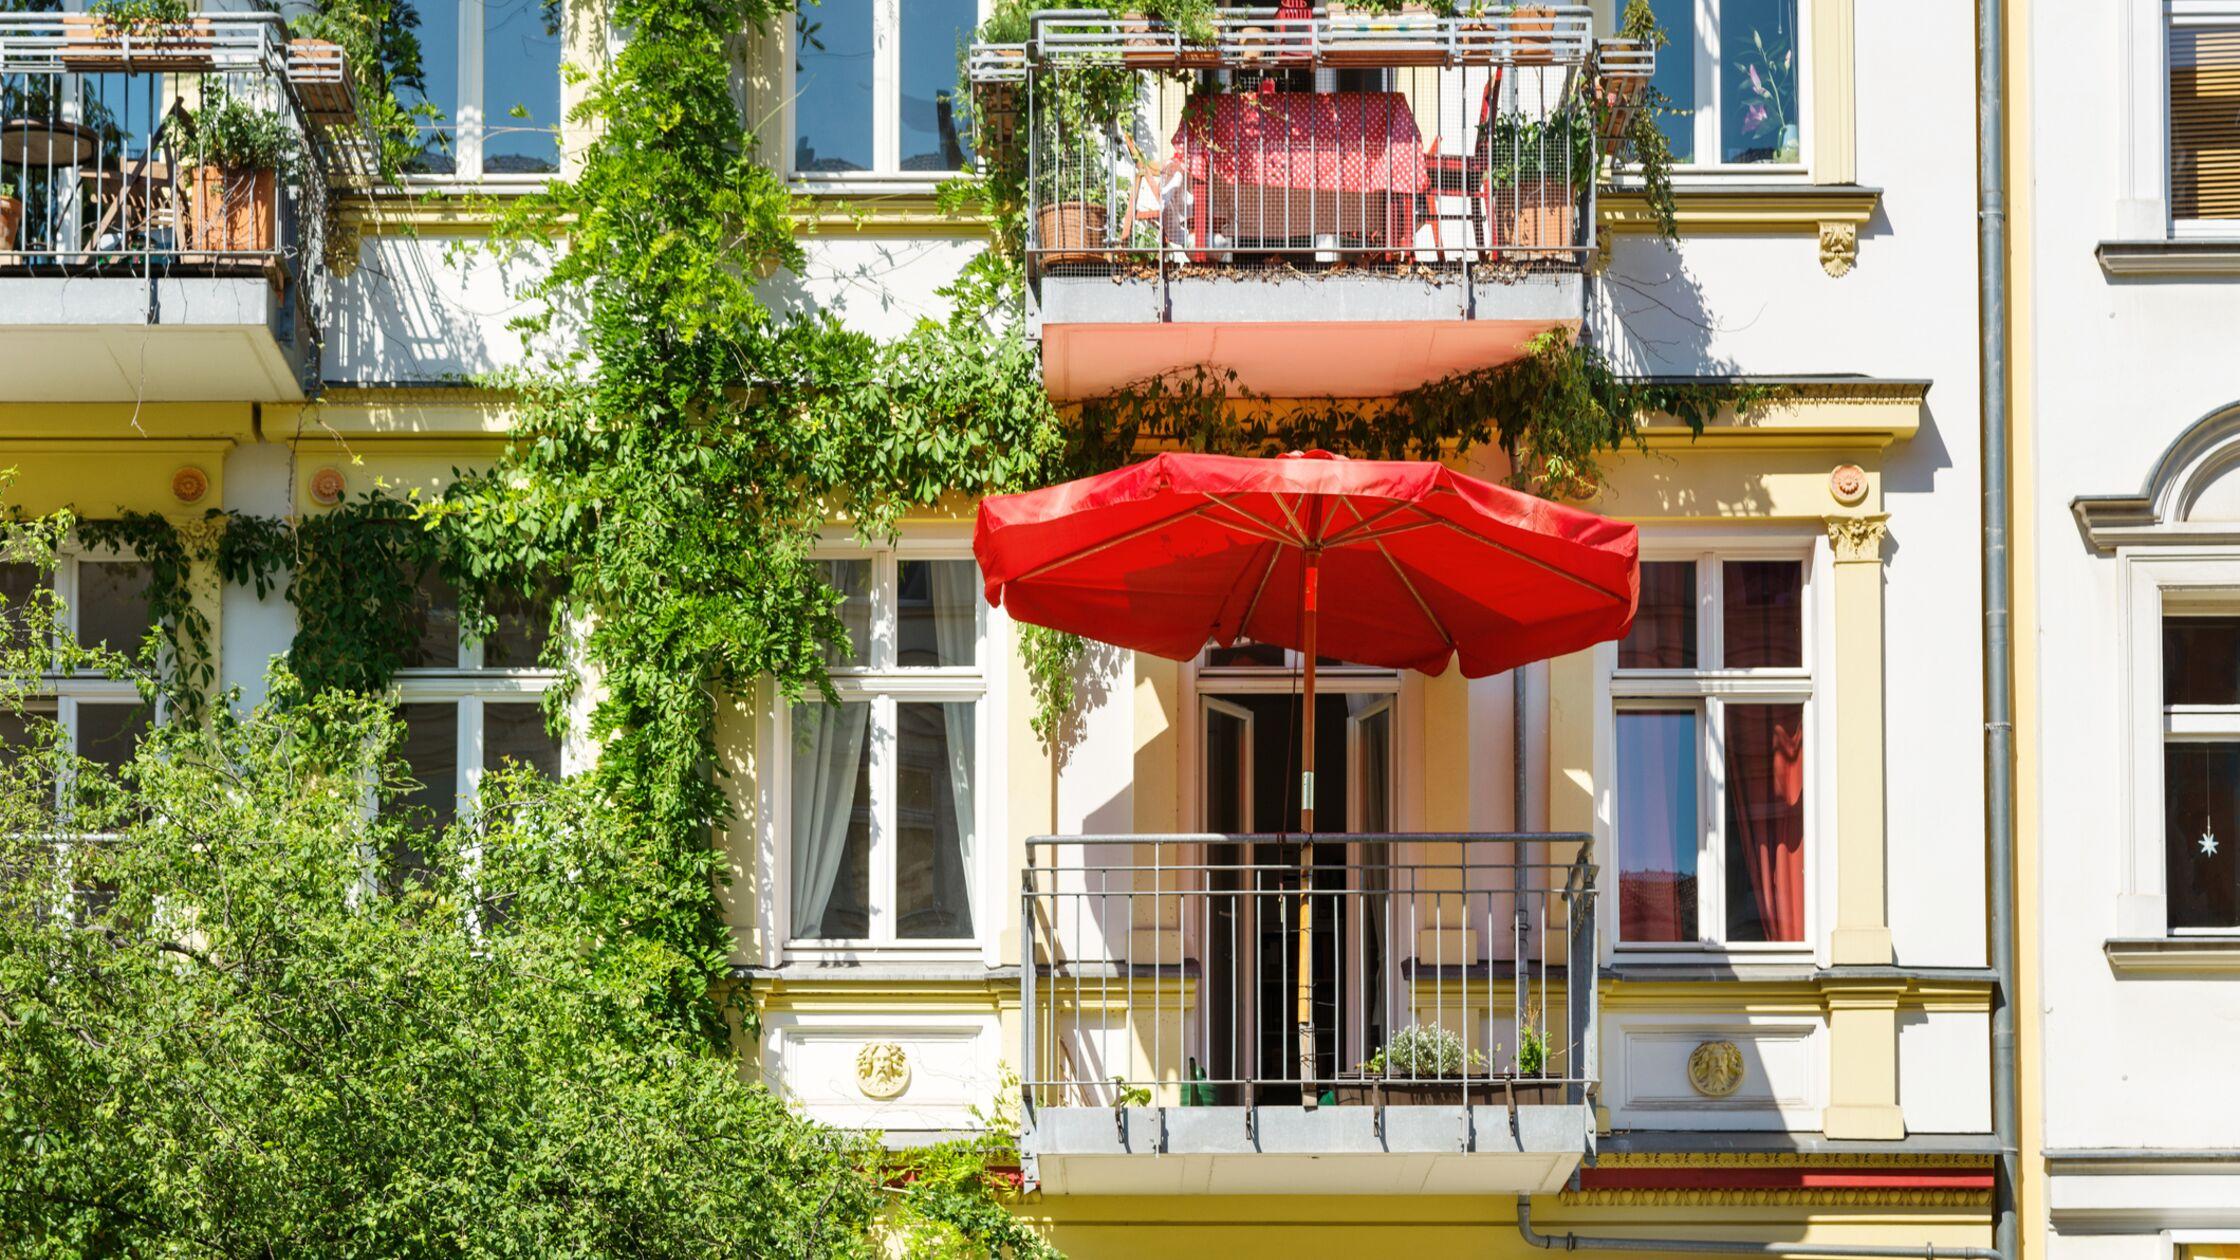 Außenansicht eines größeren Mietshauses mit bepflanzten Balkons und Sonnenschirm